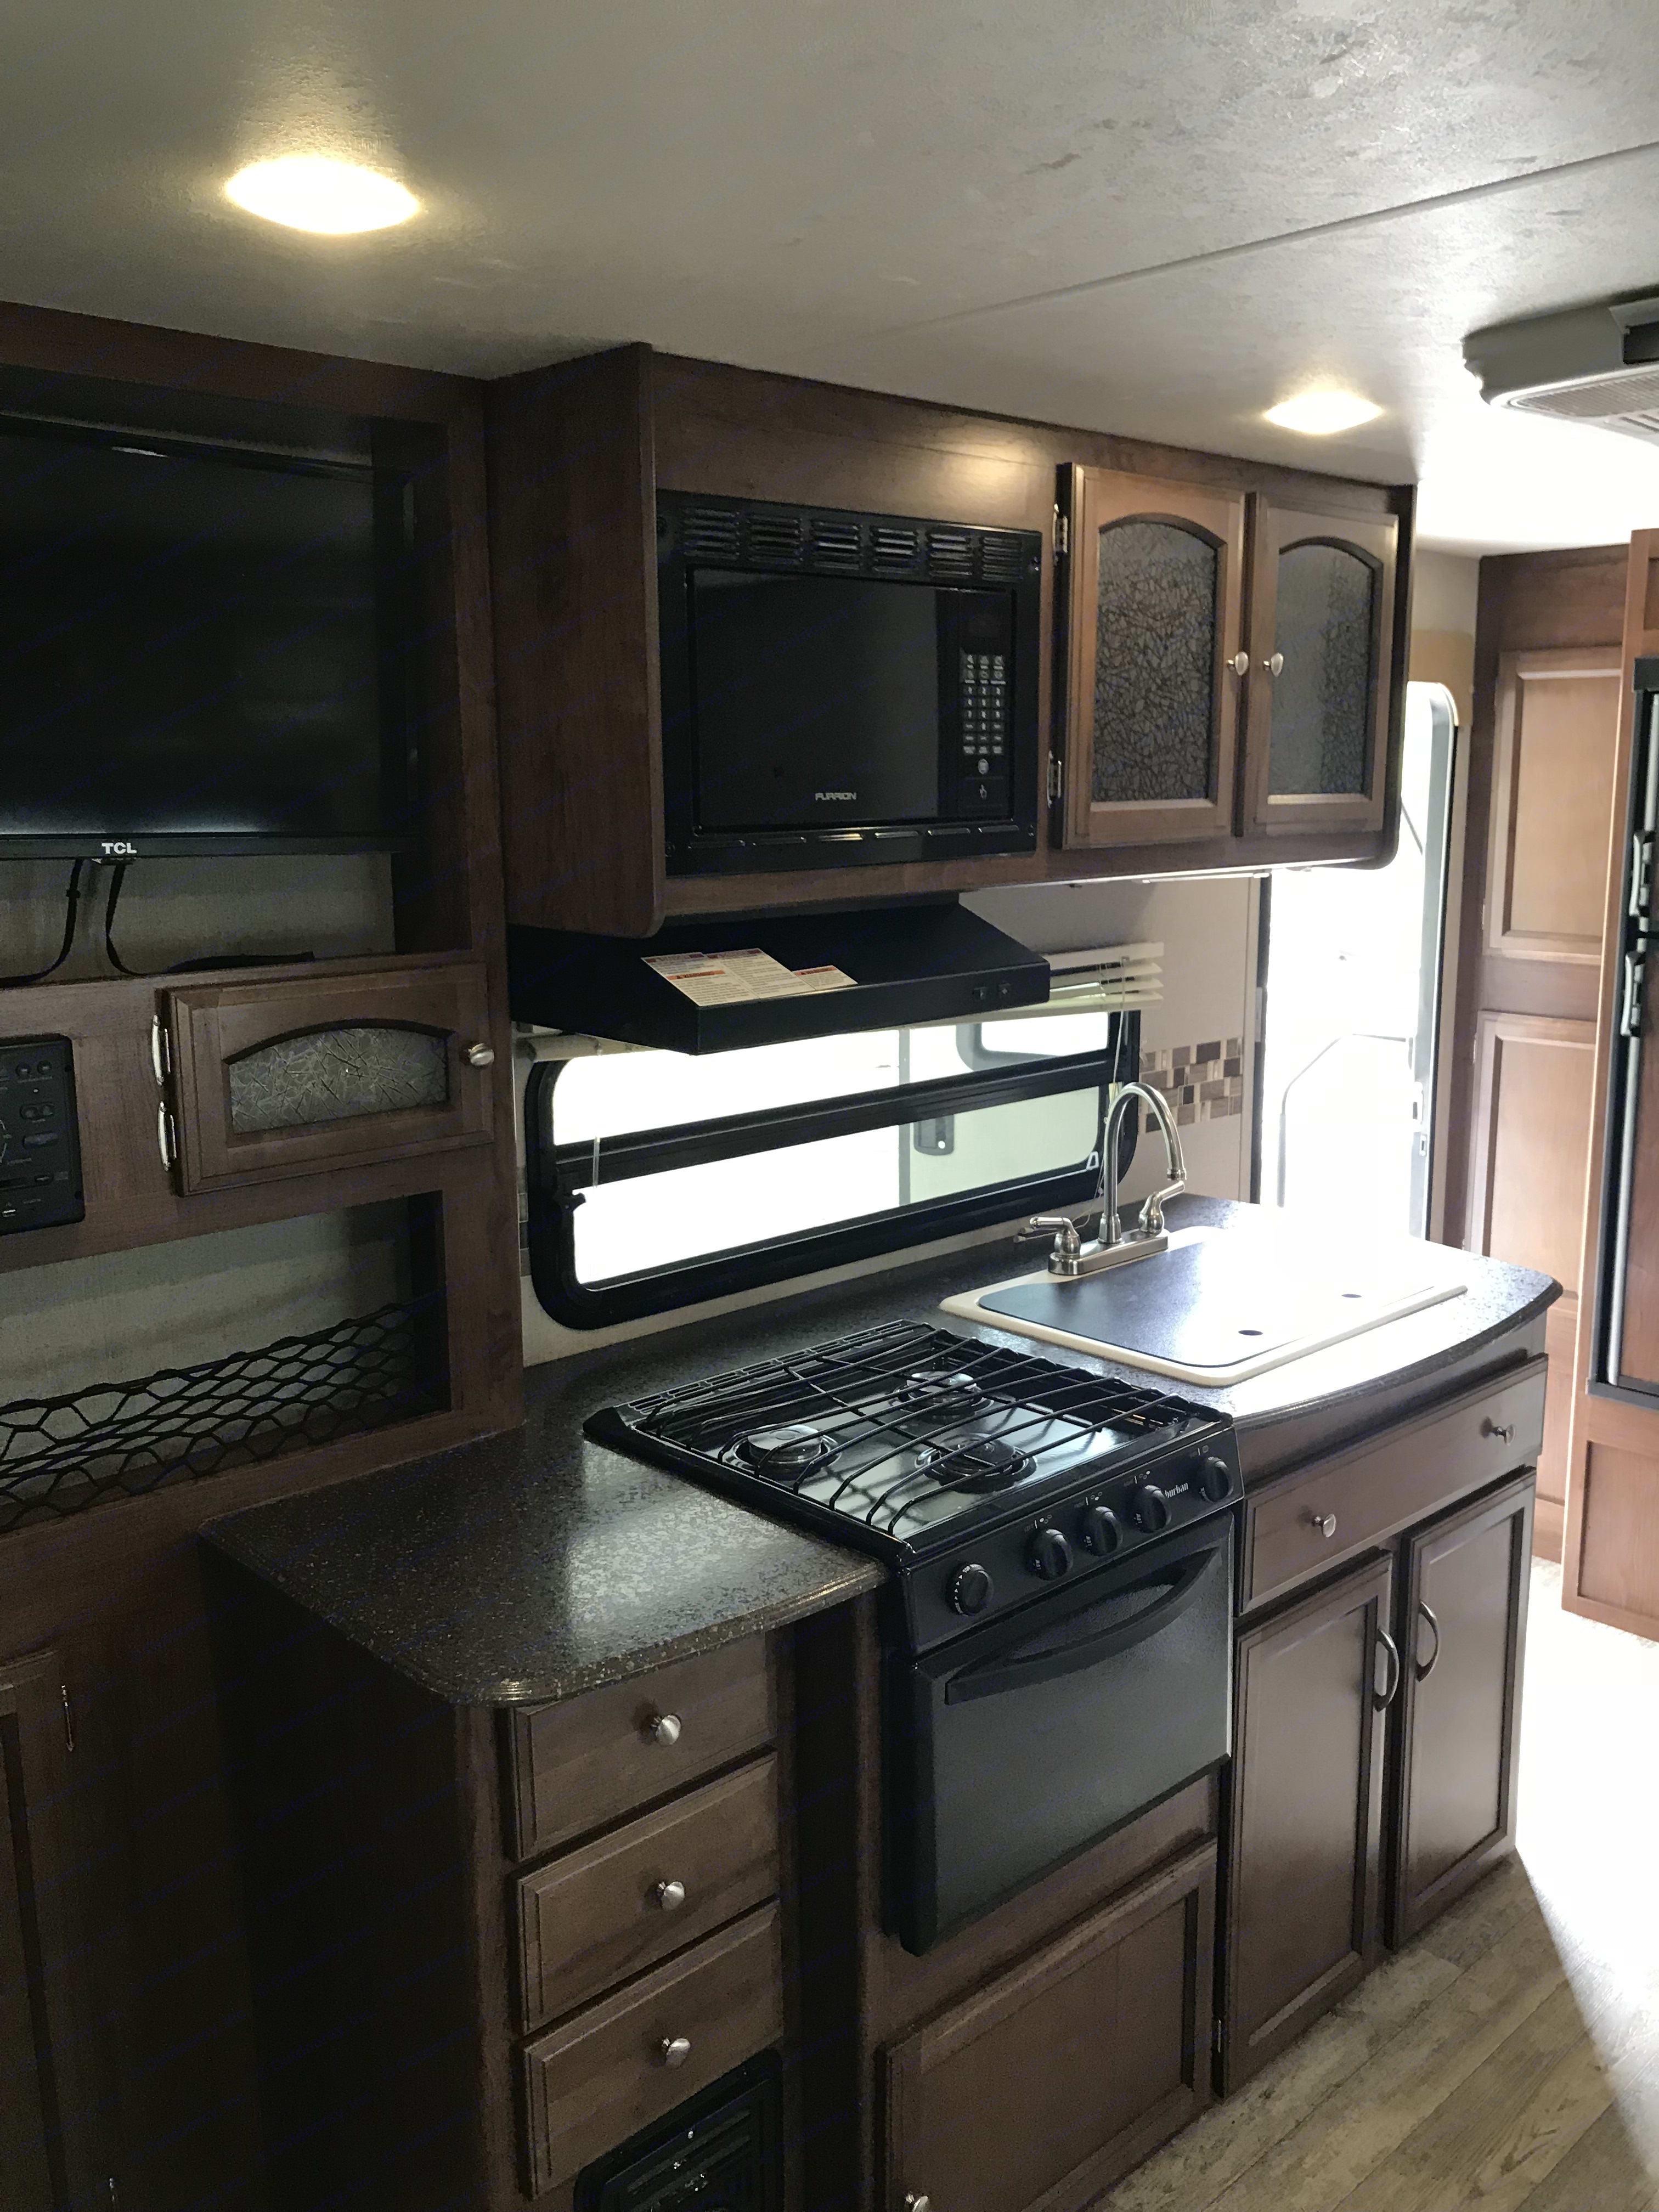 Nice kitchen. Coachmen 192RBS FREEDOM EXPRESS 2017